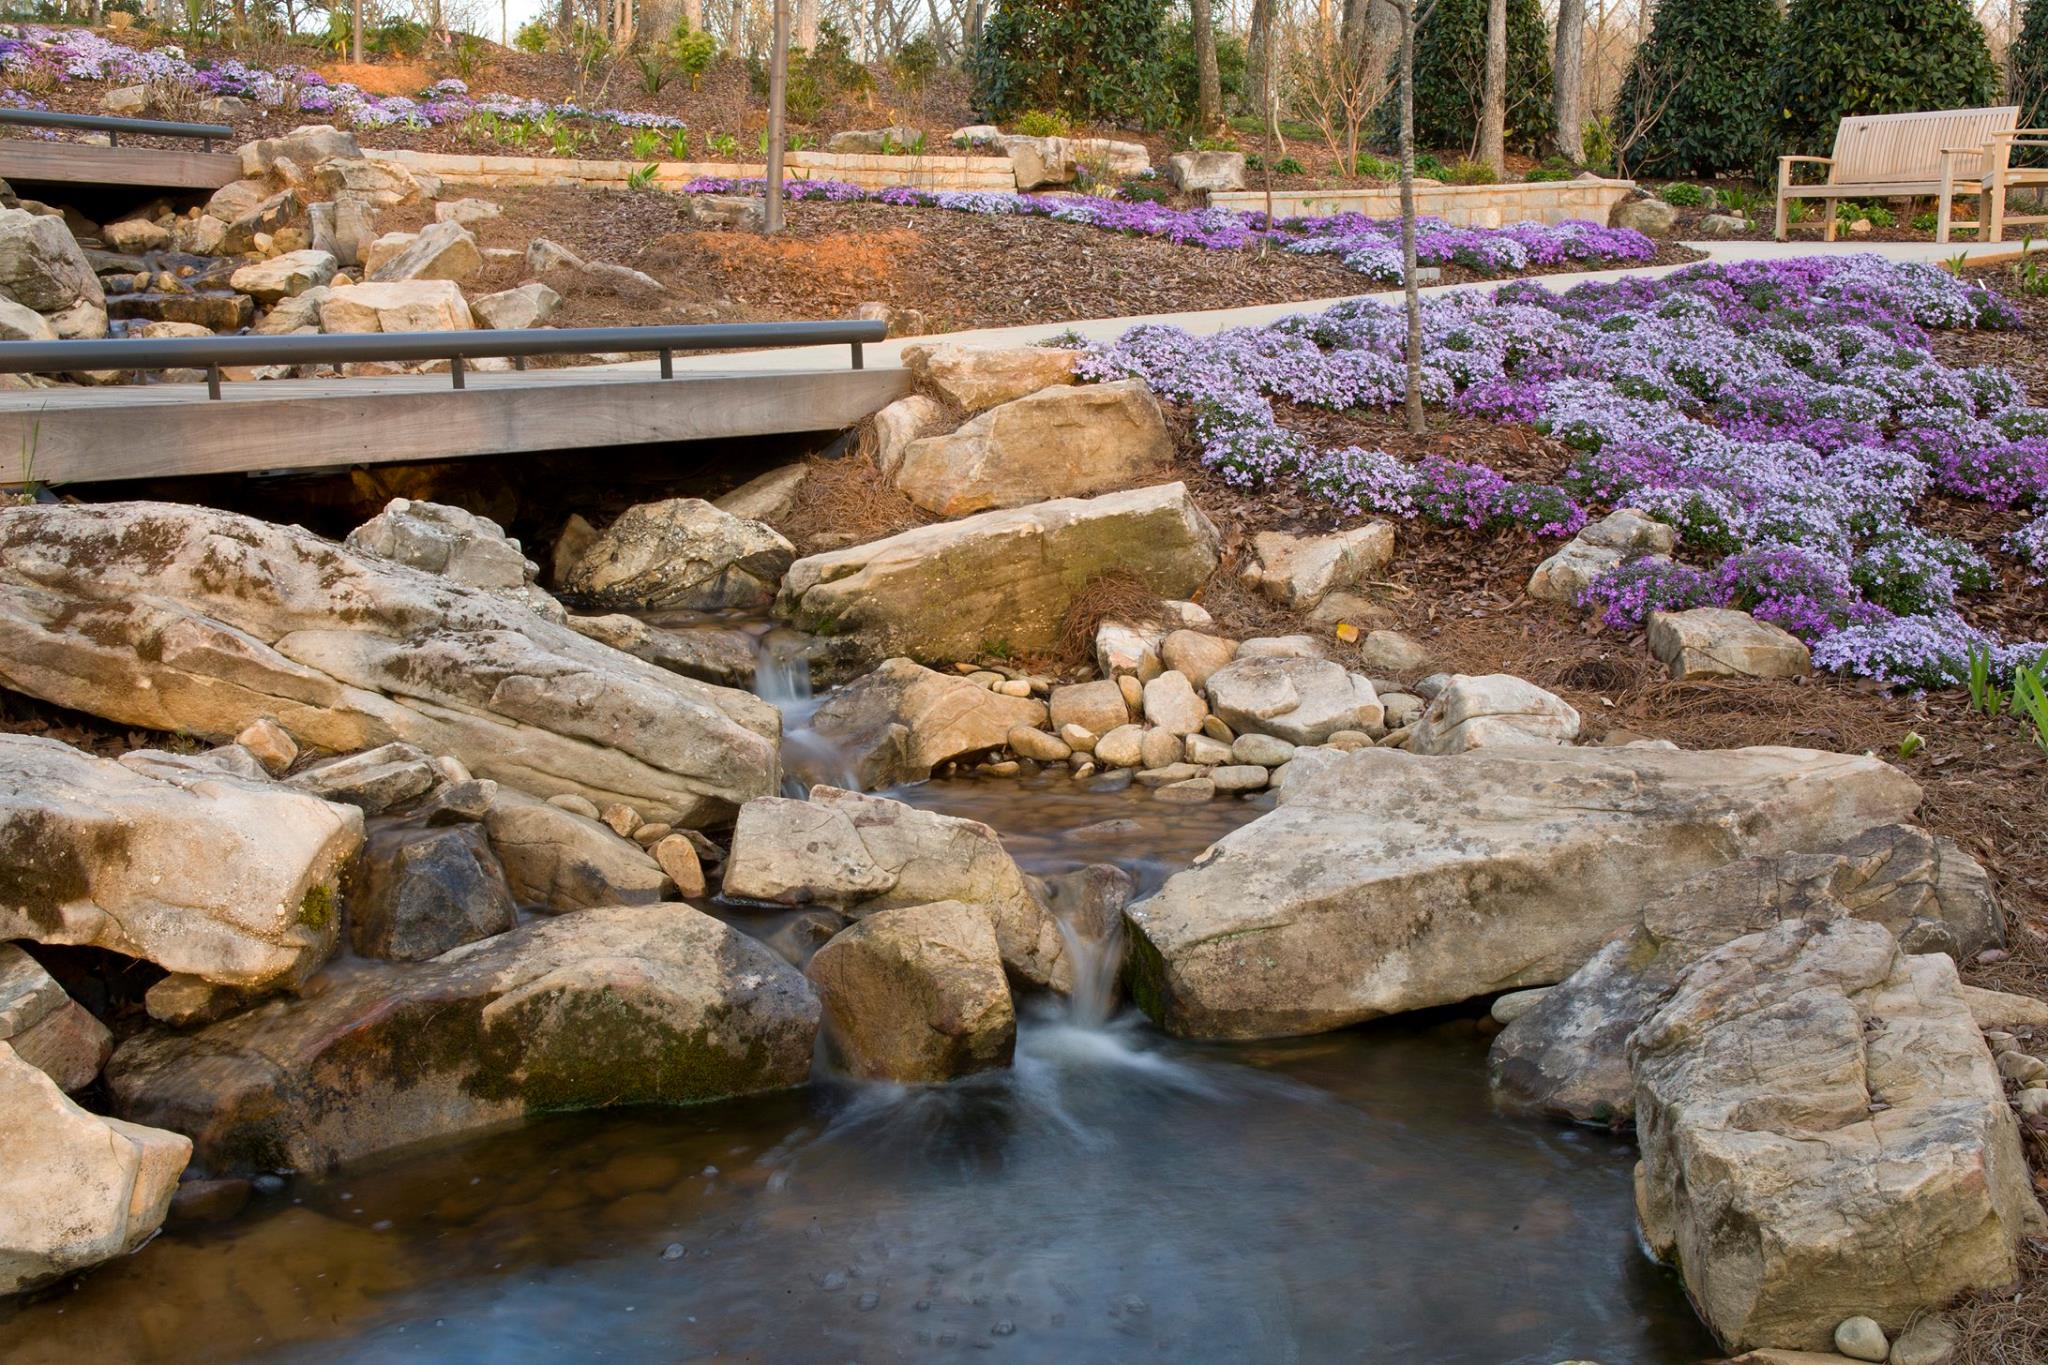 Atlanta Botanical Garden – Discover Lake Lanier